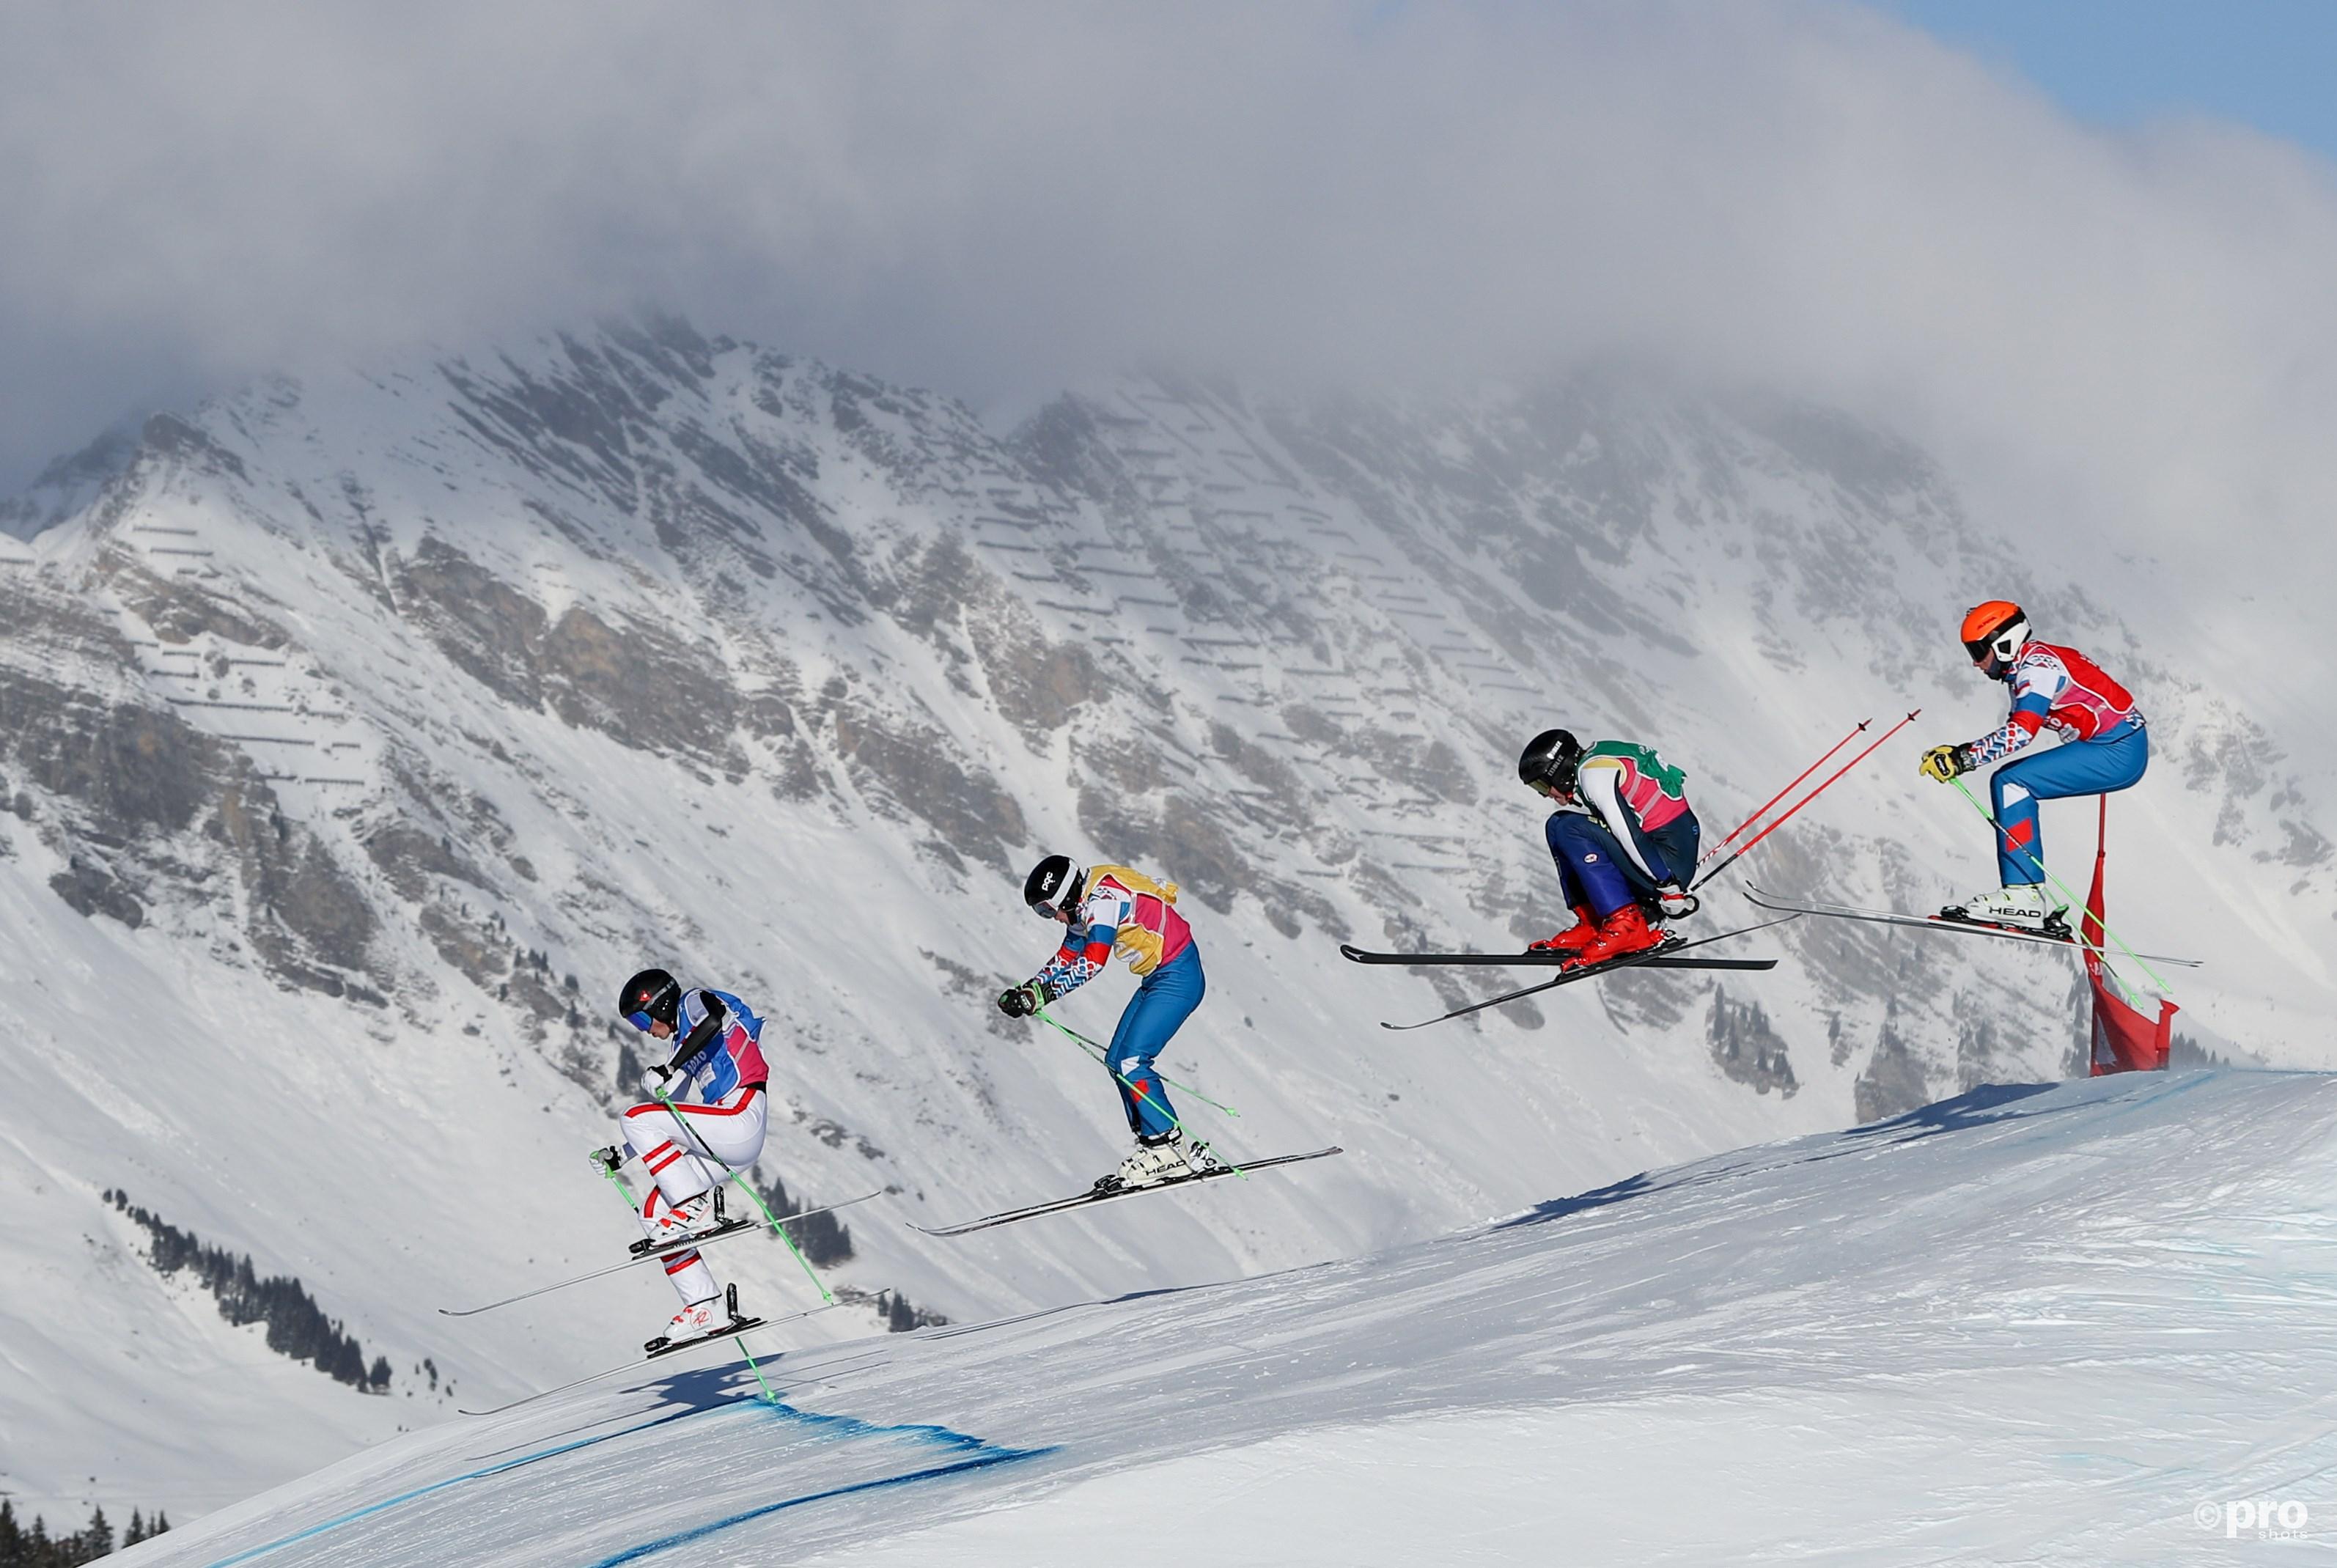 De mannenfinale op de ski's in volle gang (Pro Shots/Action Images)